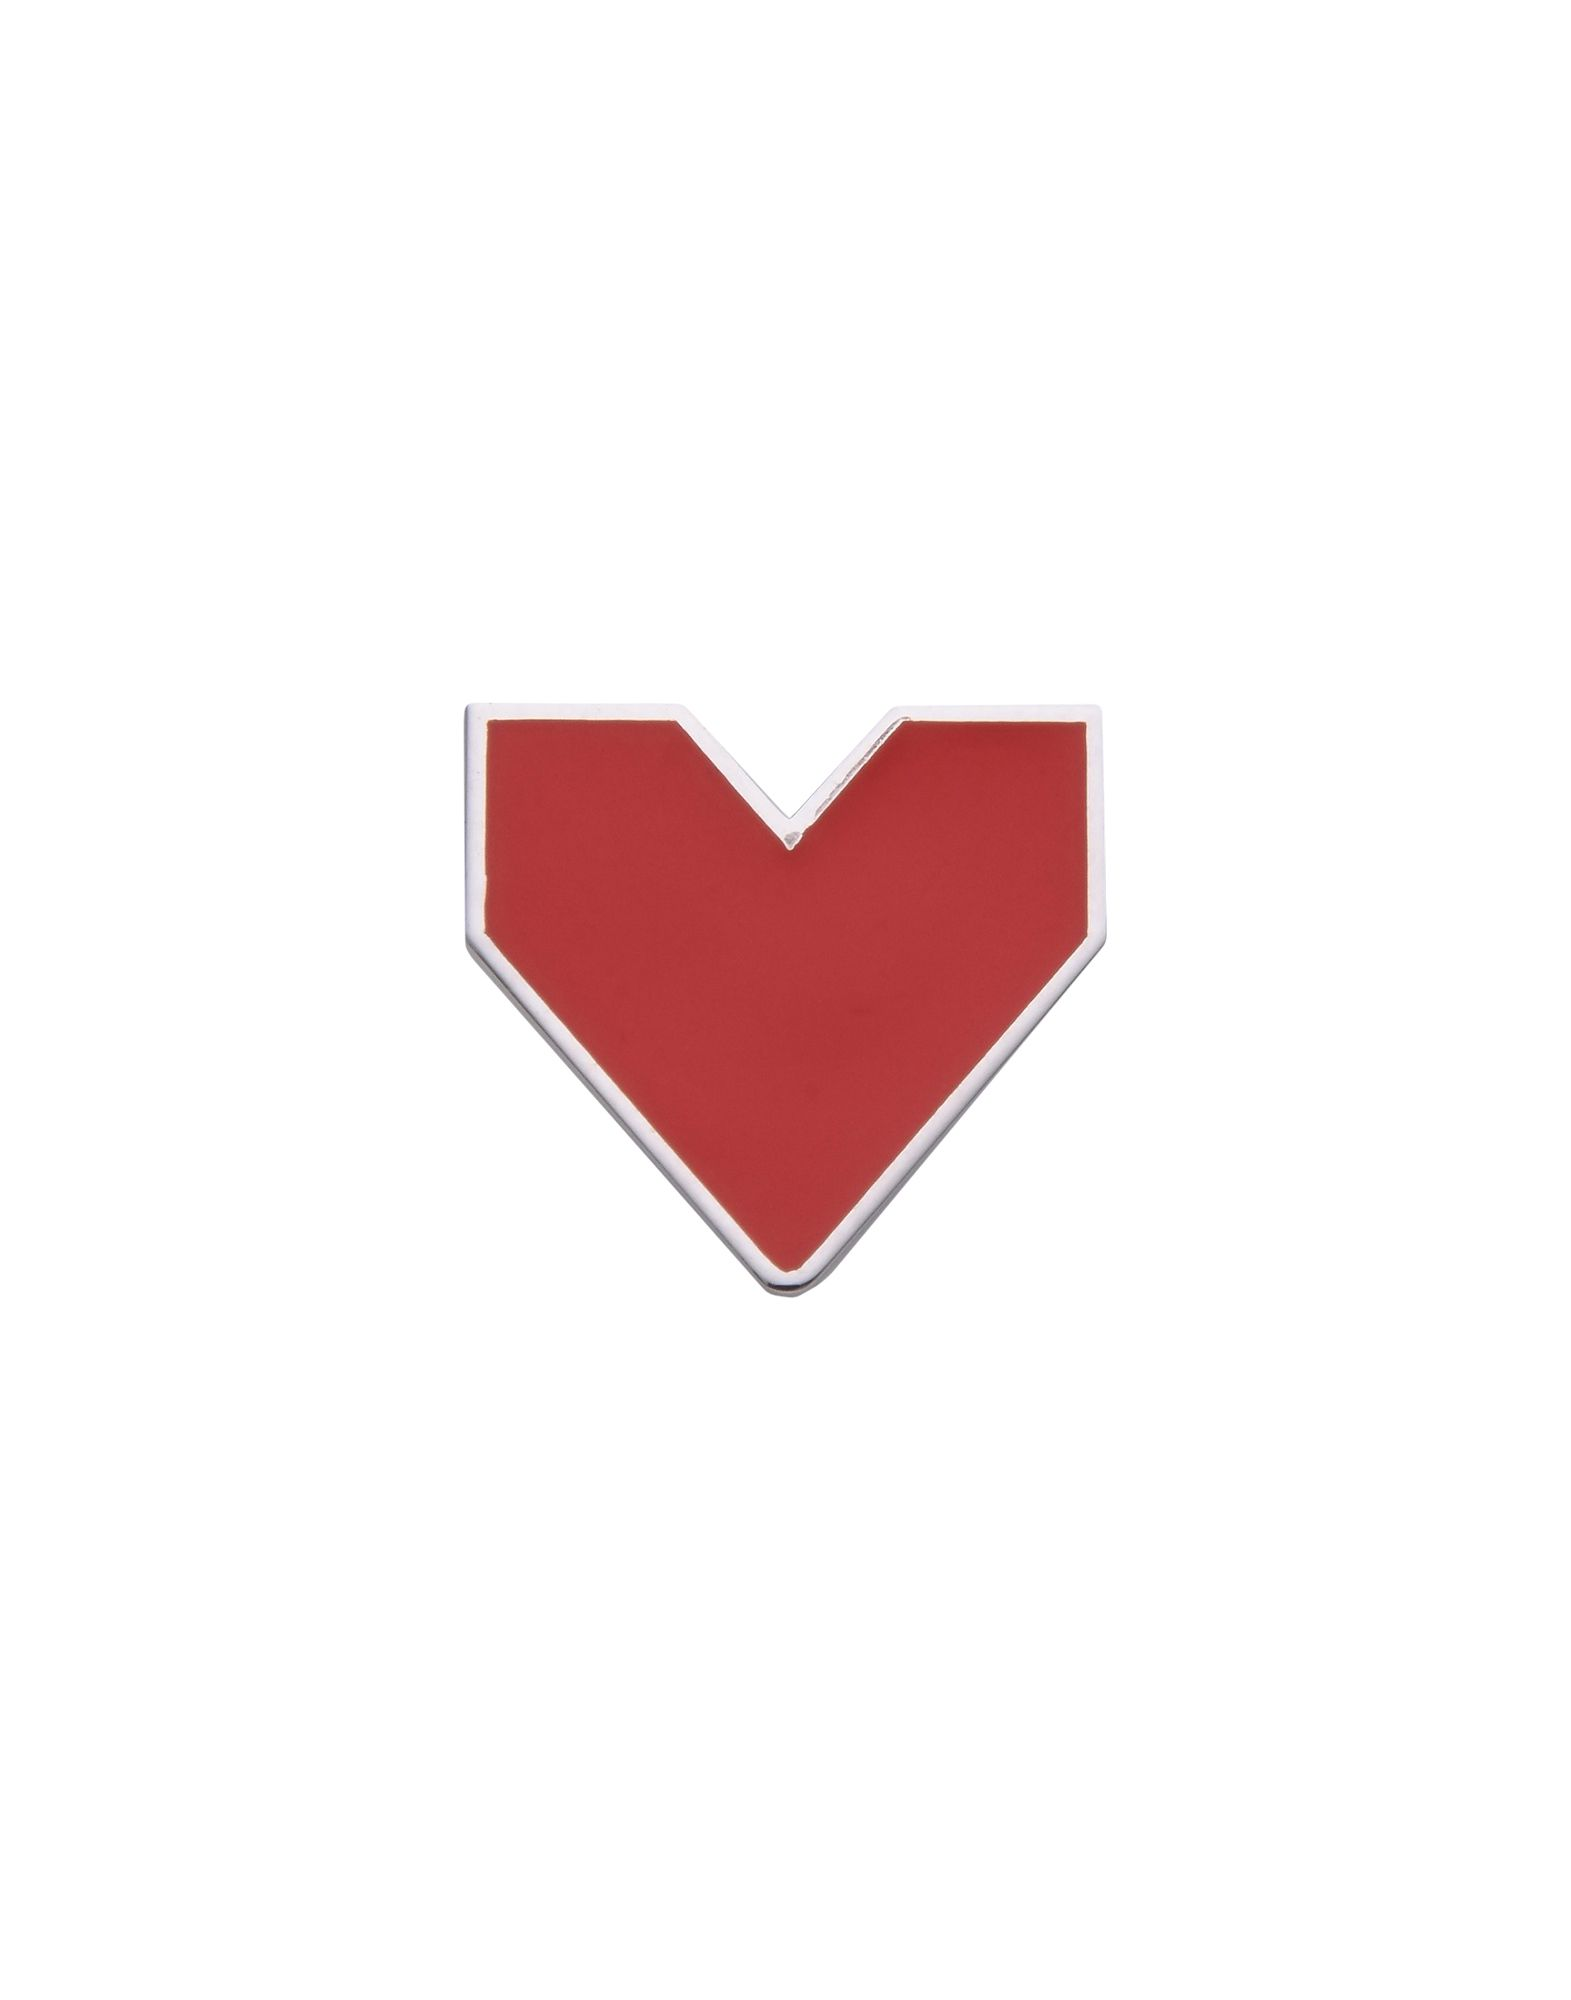 《セール開催中》FIRST PEOPLE FIRST レディース ピアス&イヤリング シルバー シルバー925/1000 / エナメル RED HEART